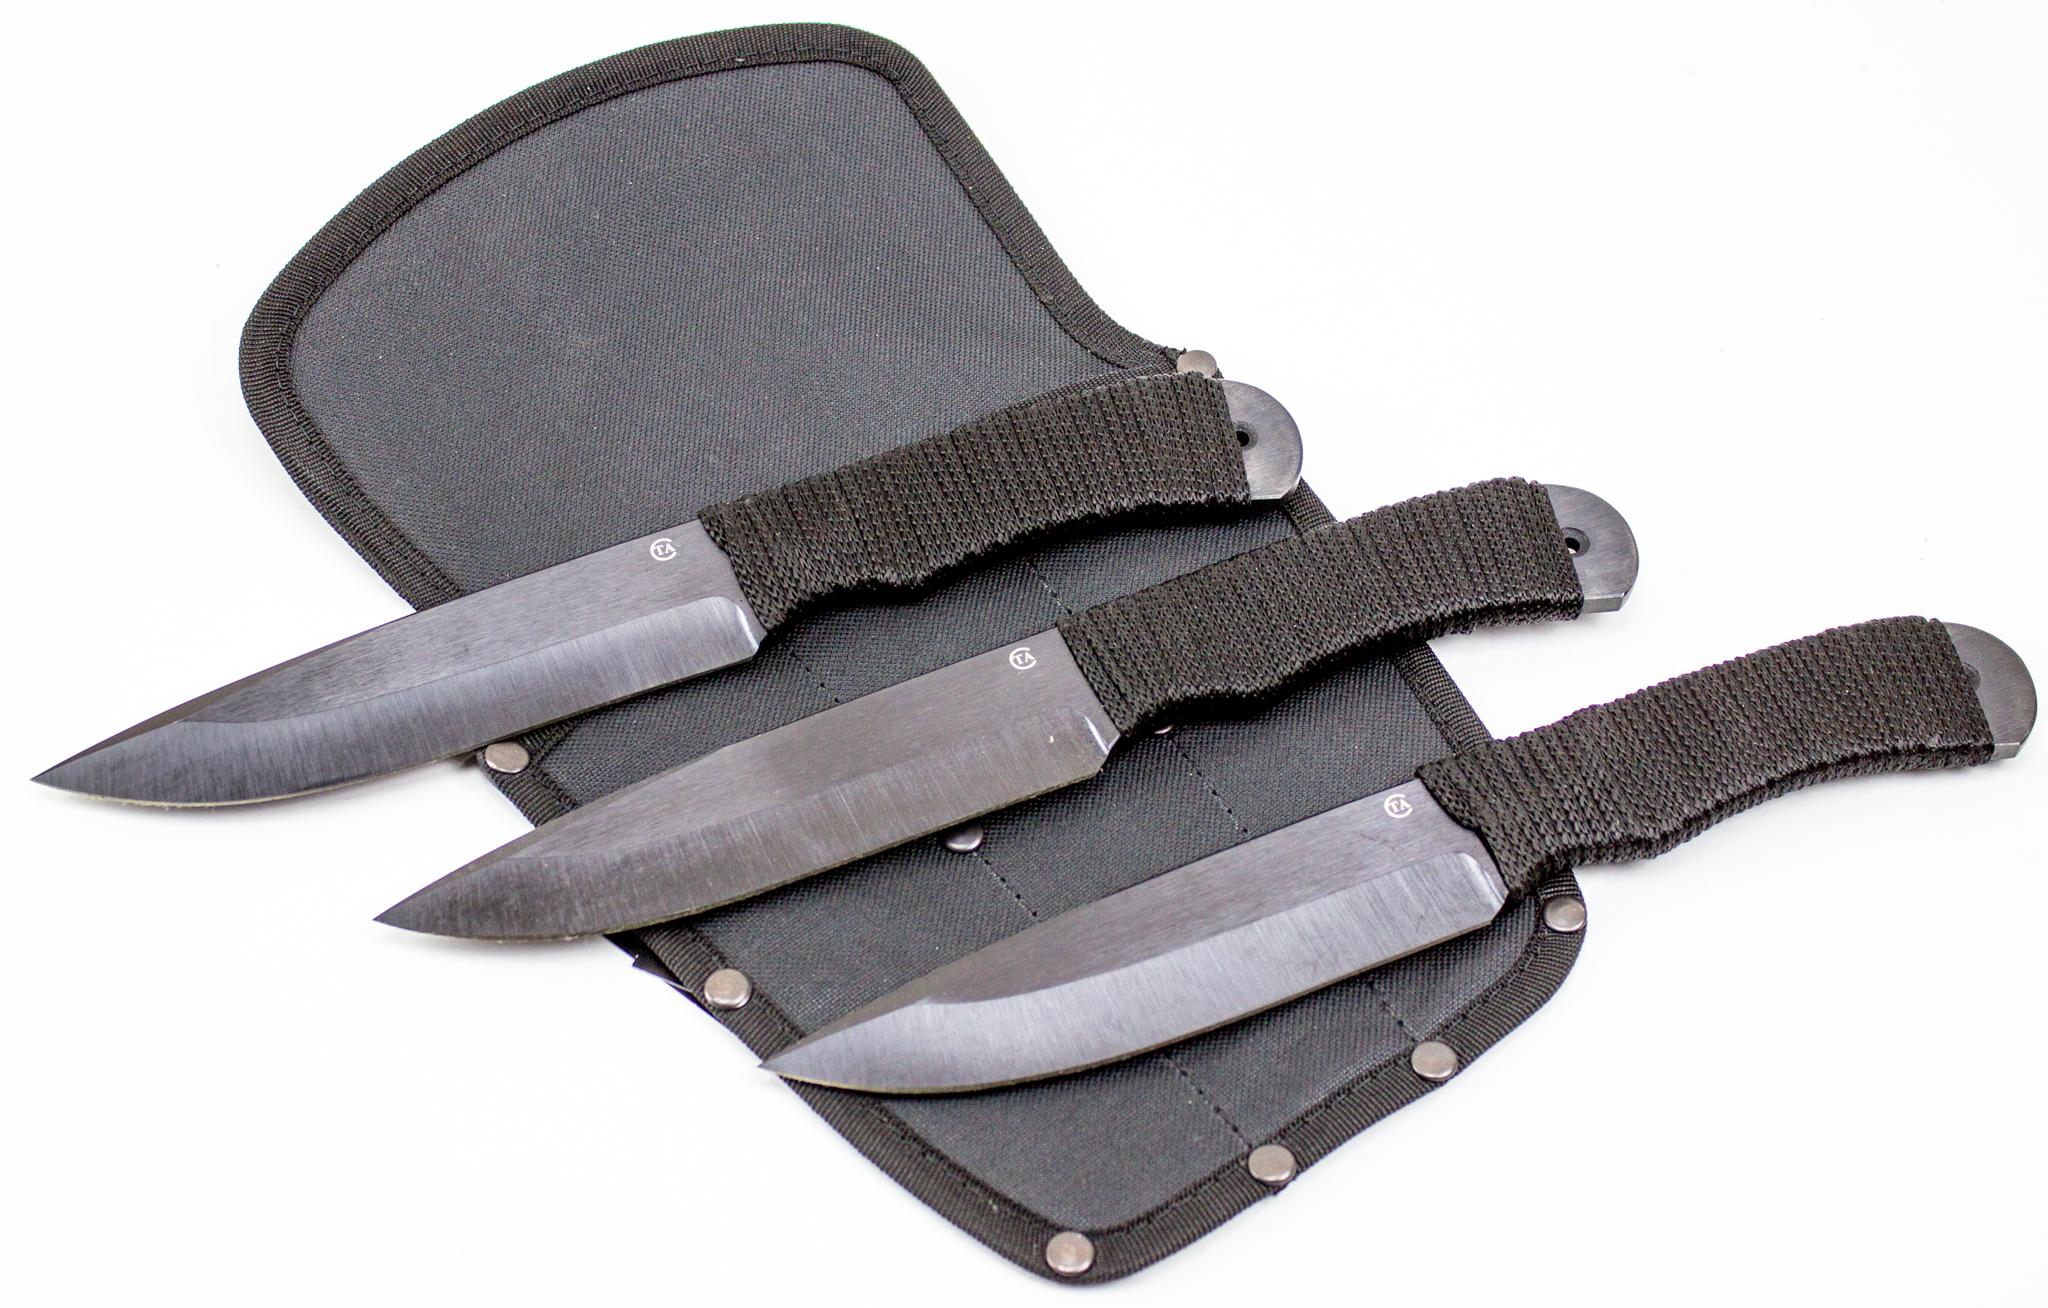 Фото 6 - Набор метательных ножей